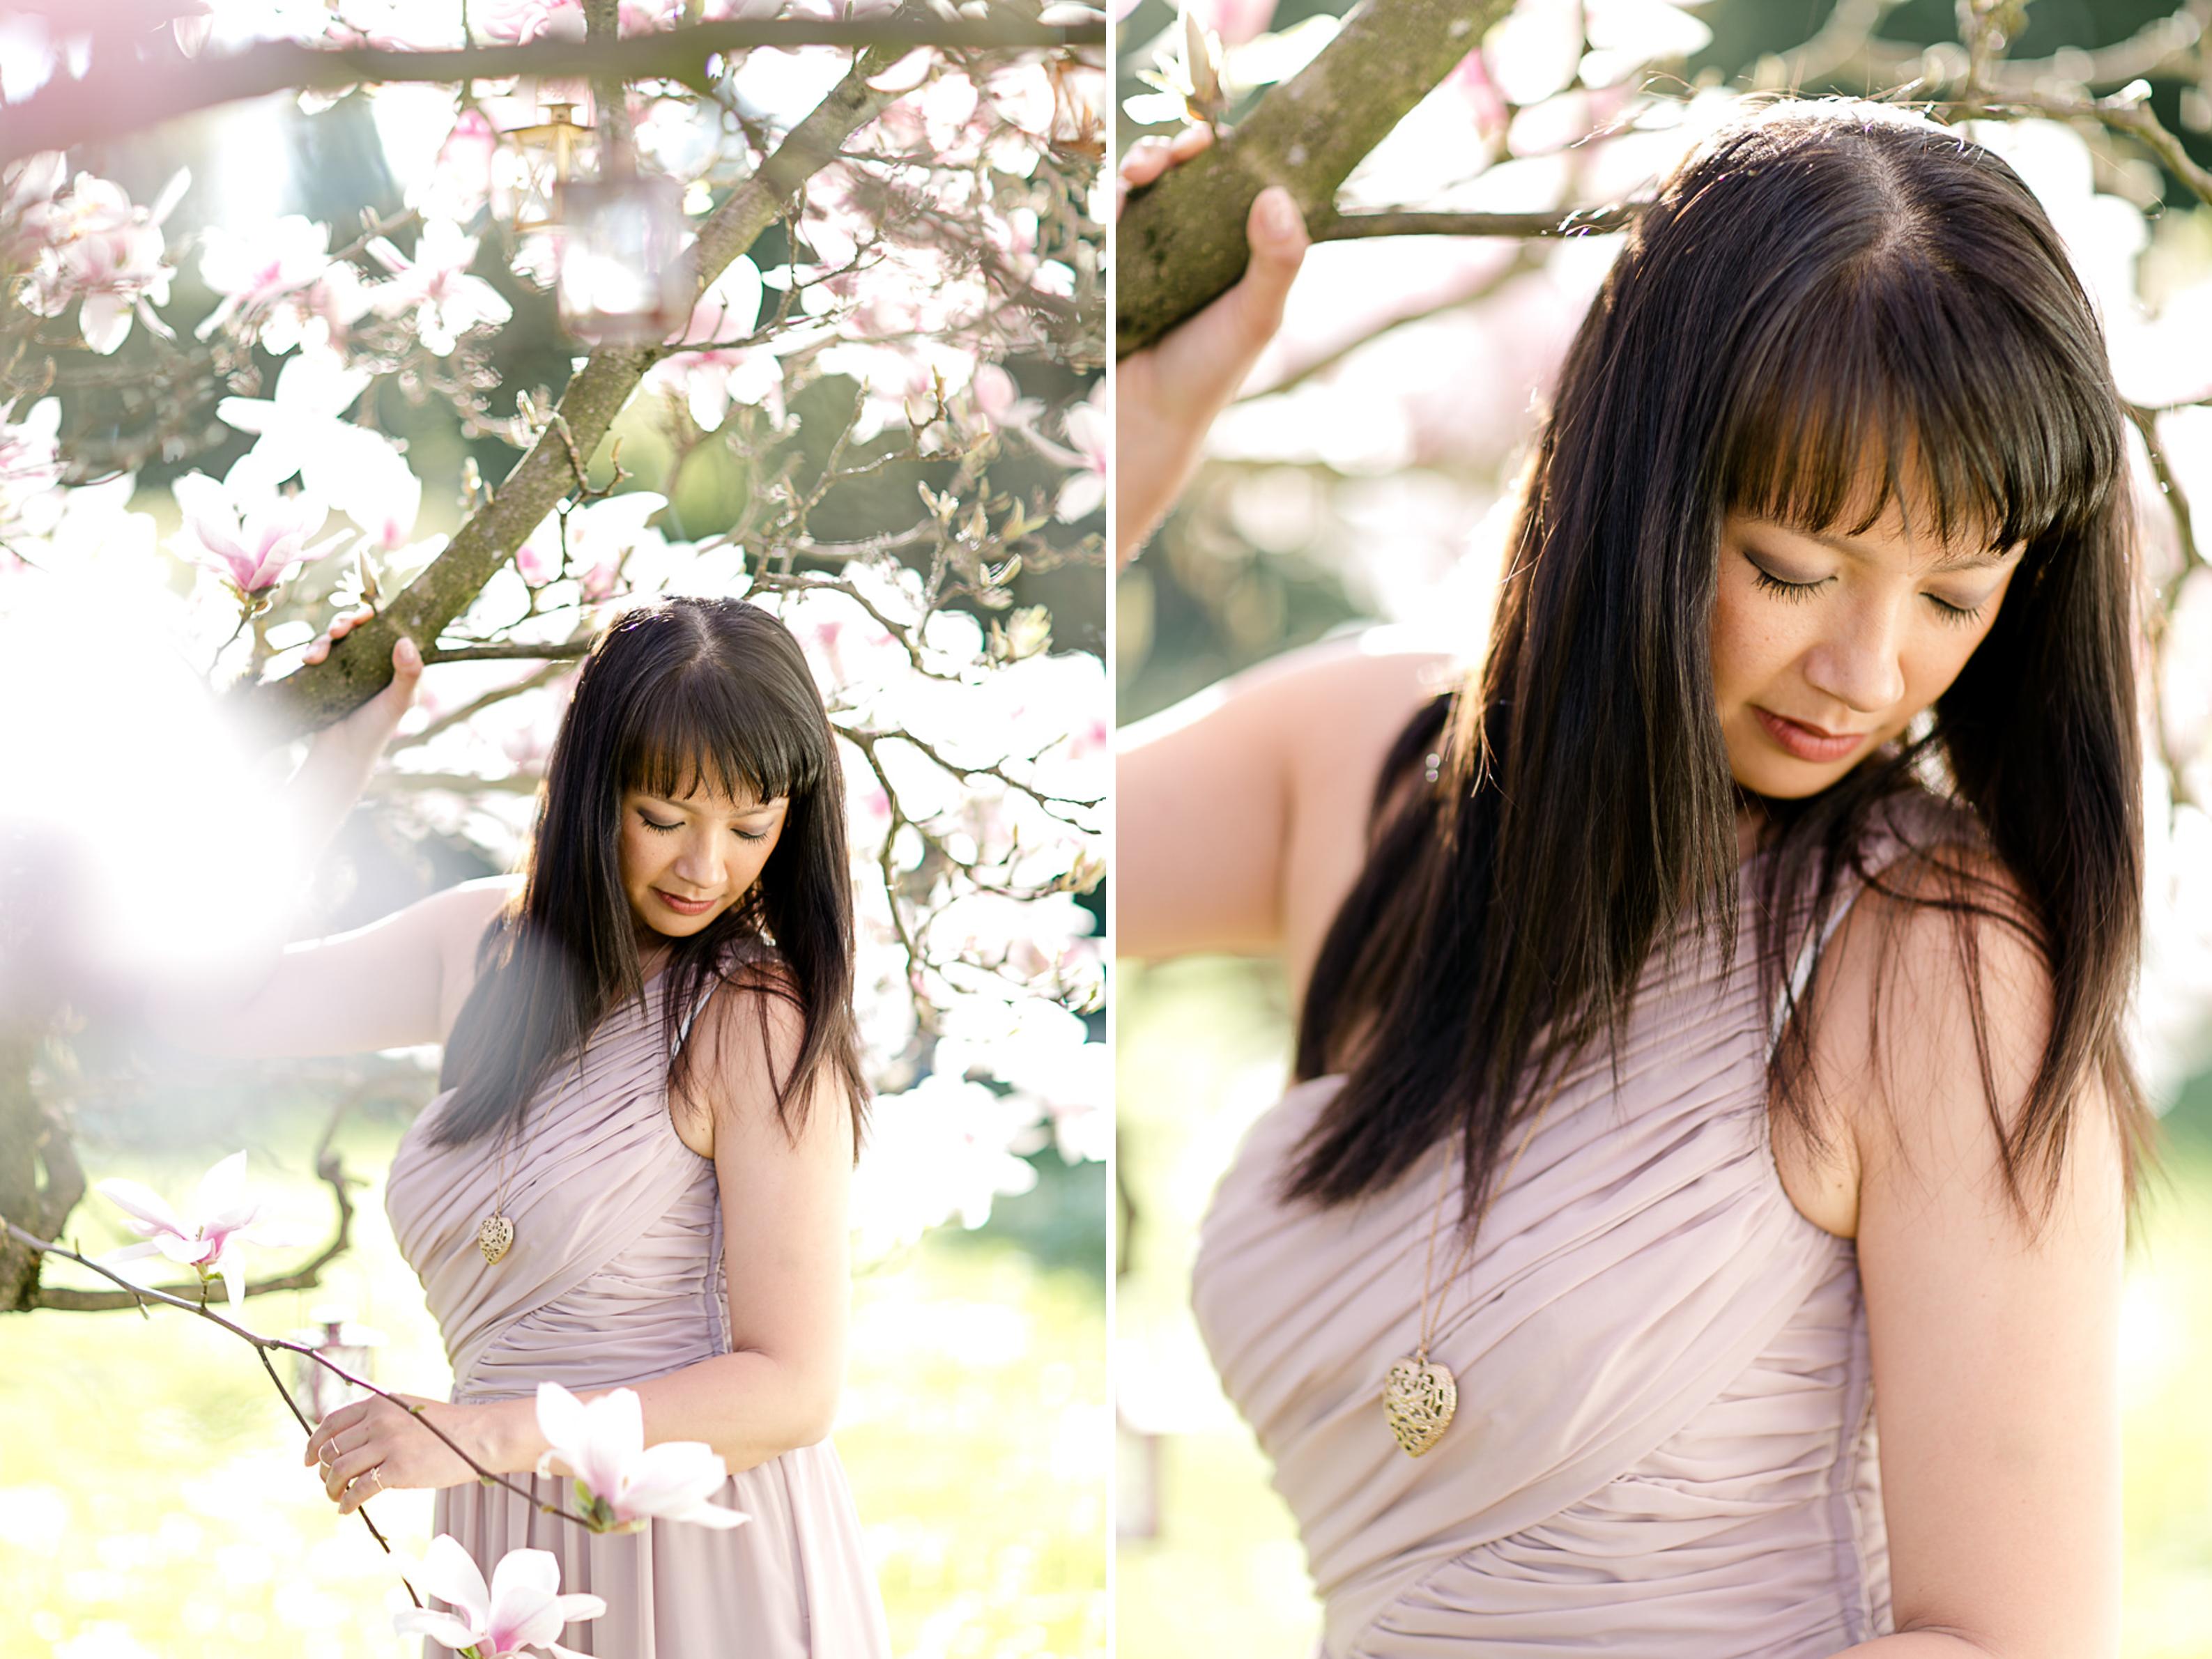 magnolia31